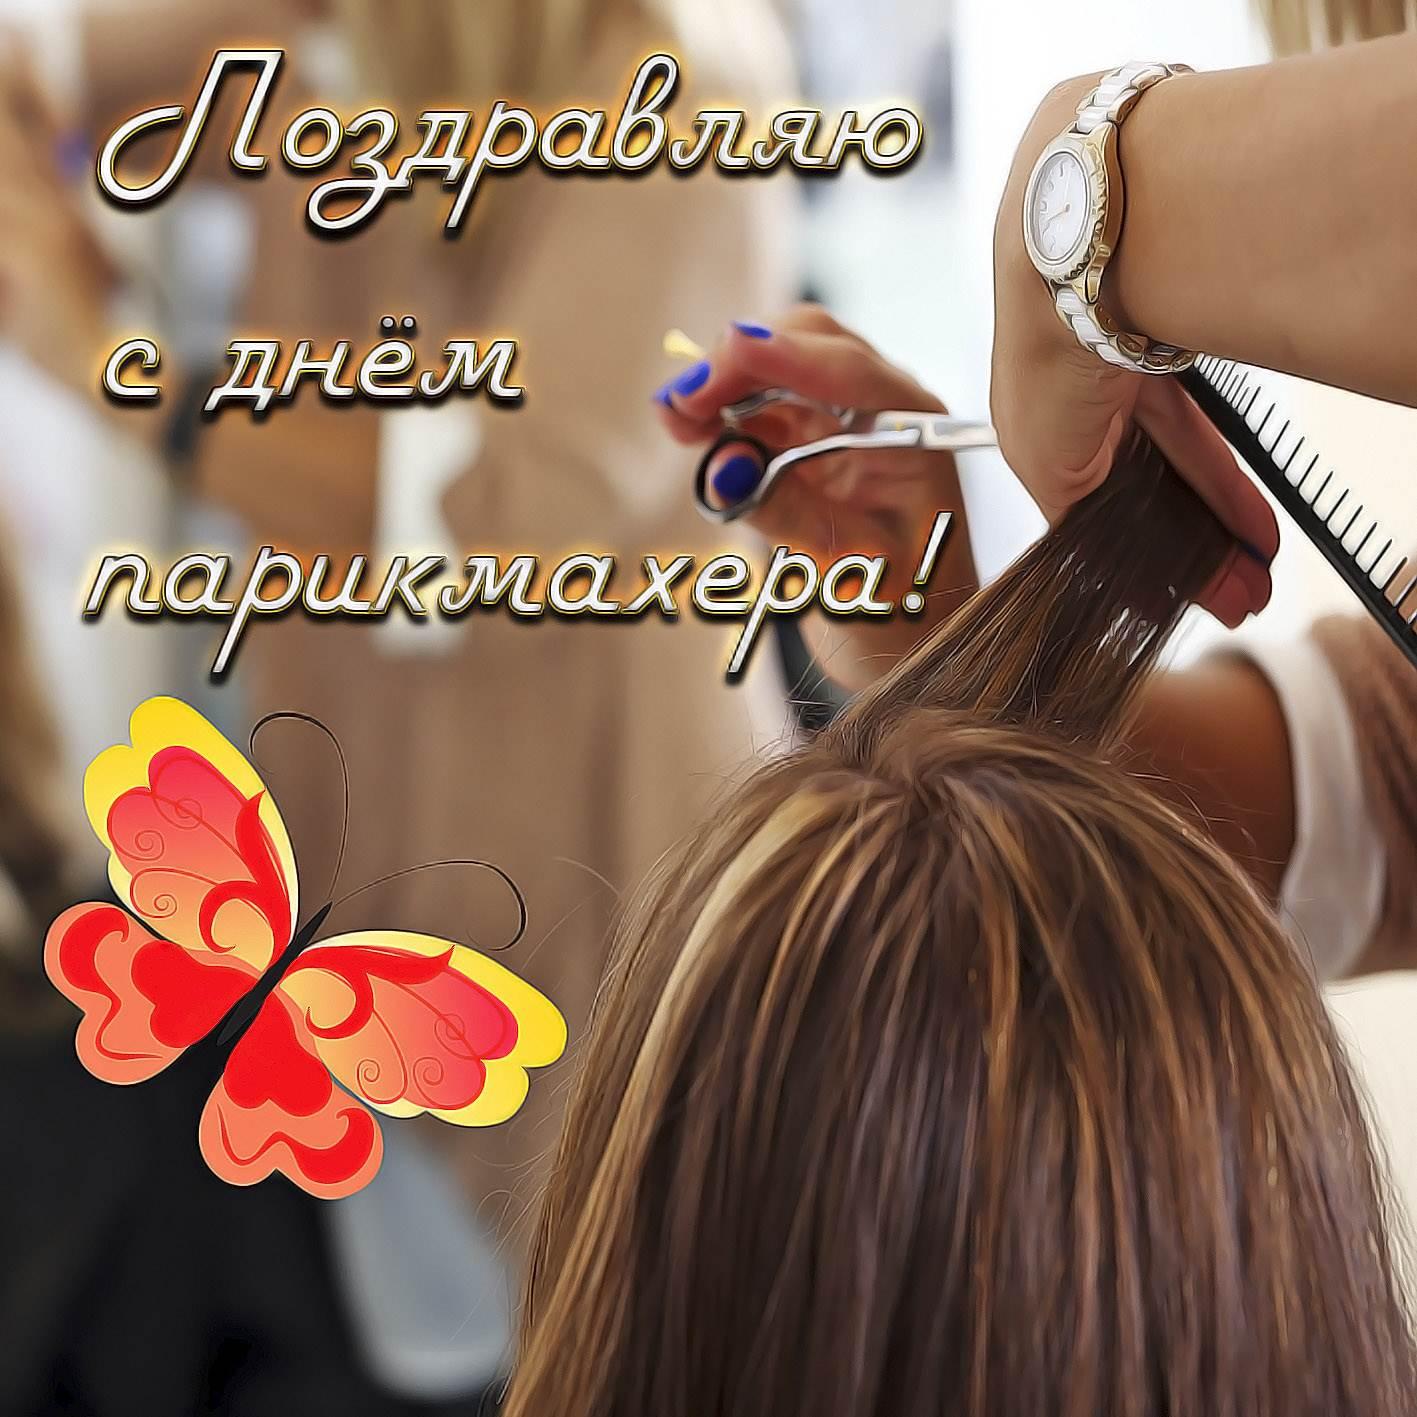 Картинки и поздравления для парикмахера, красавица